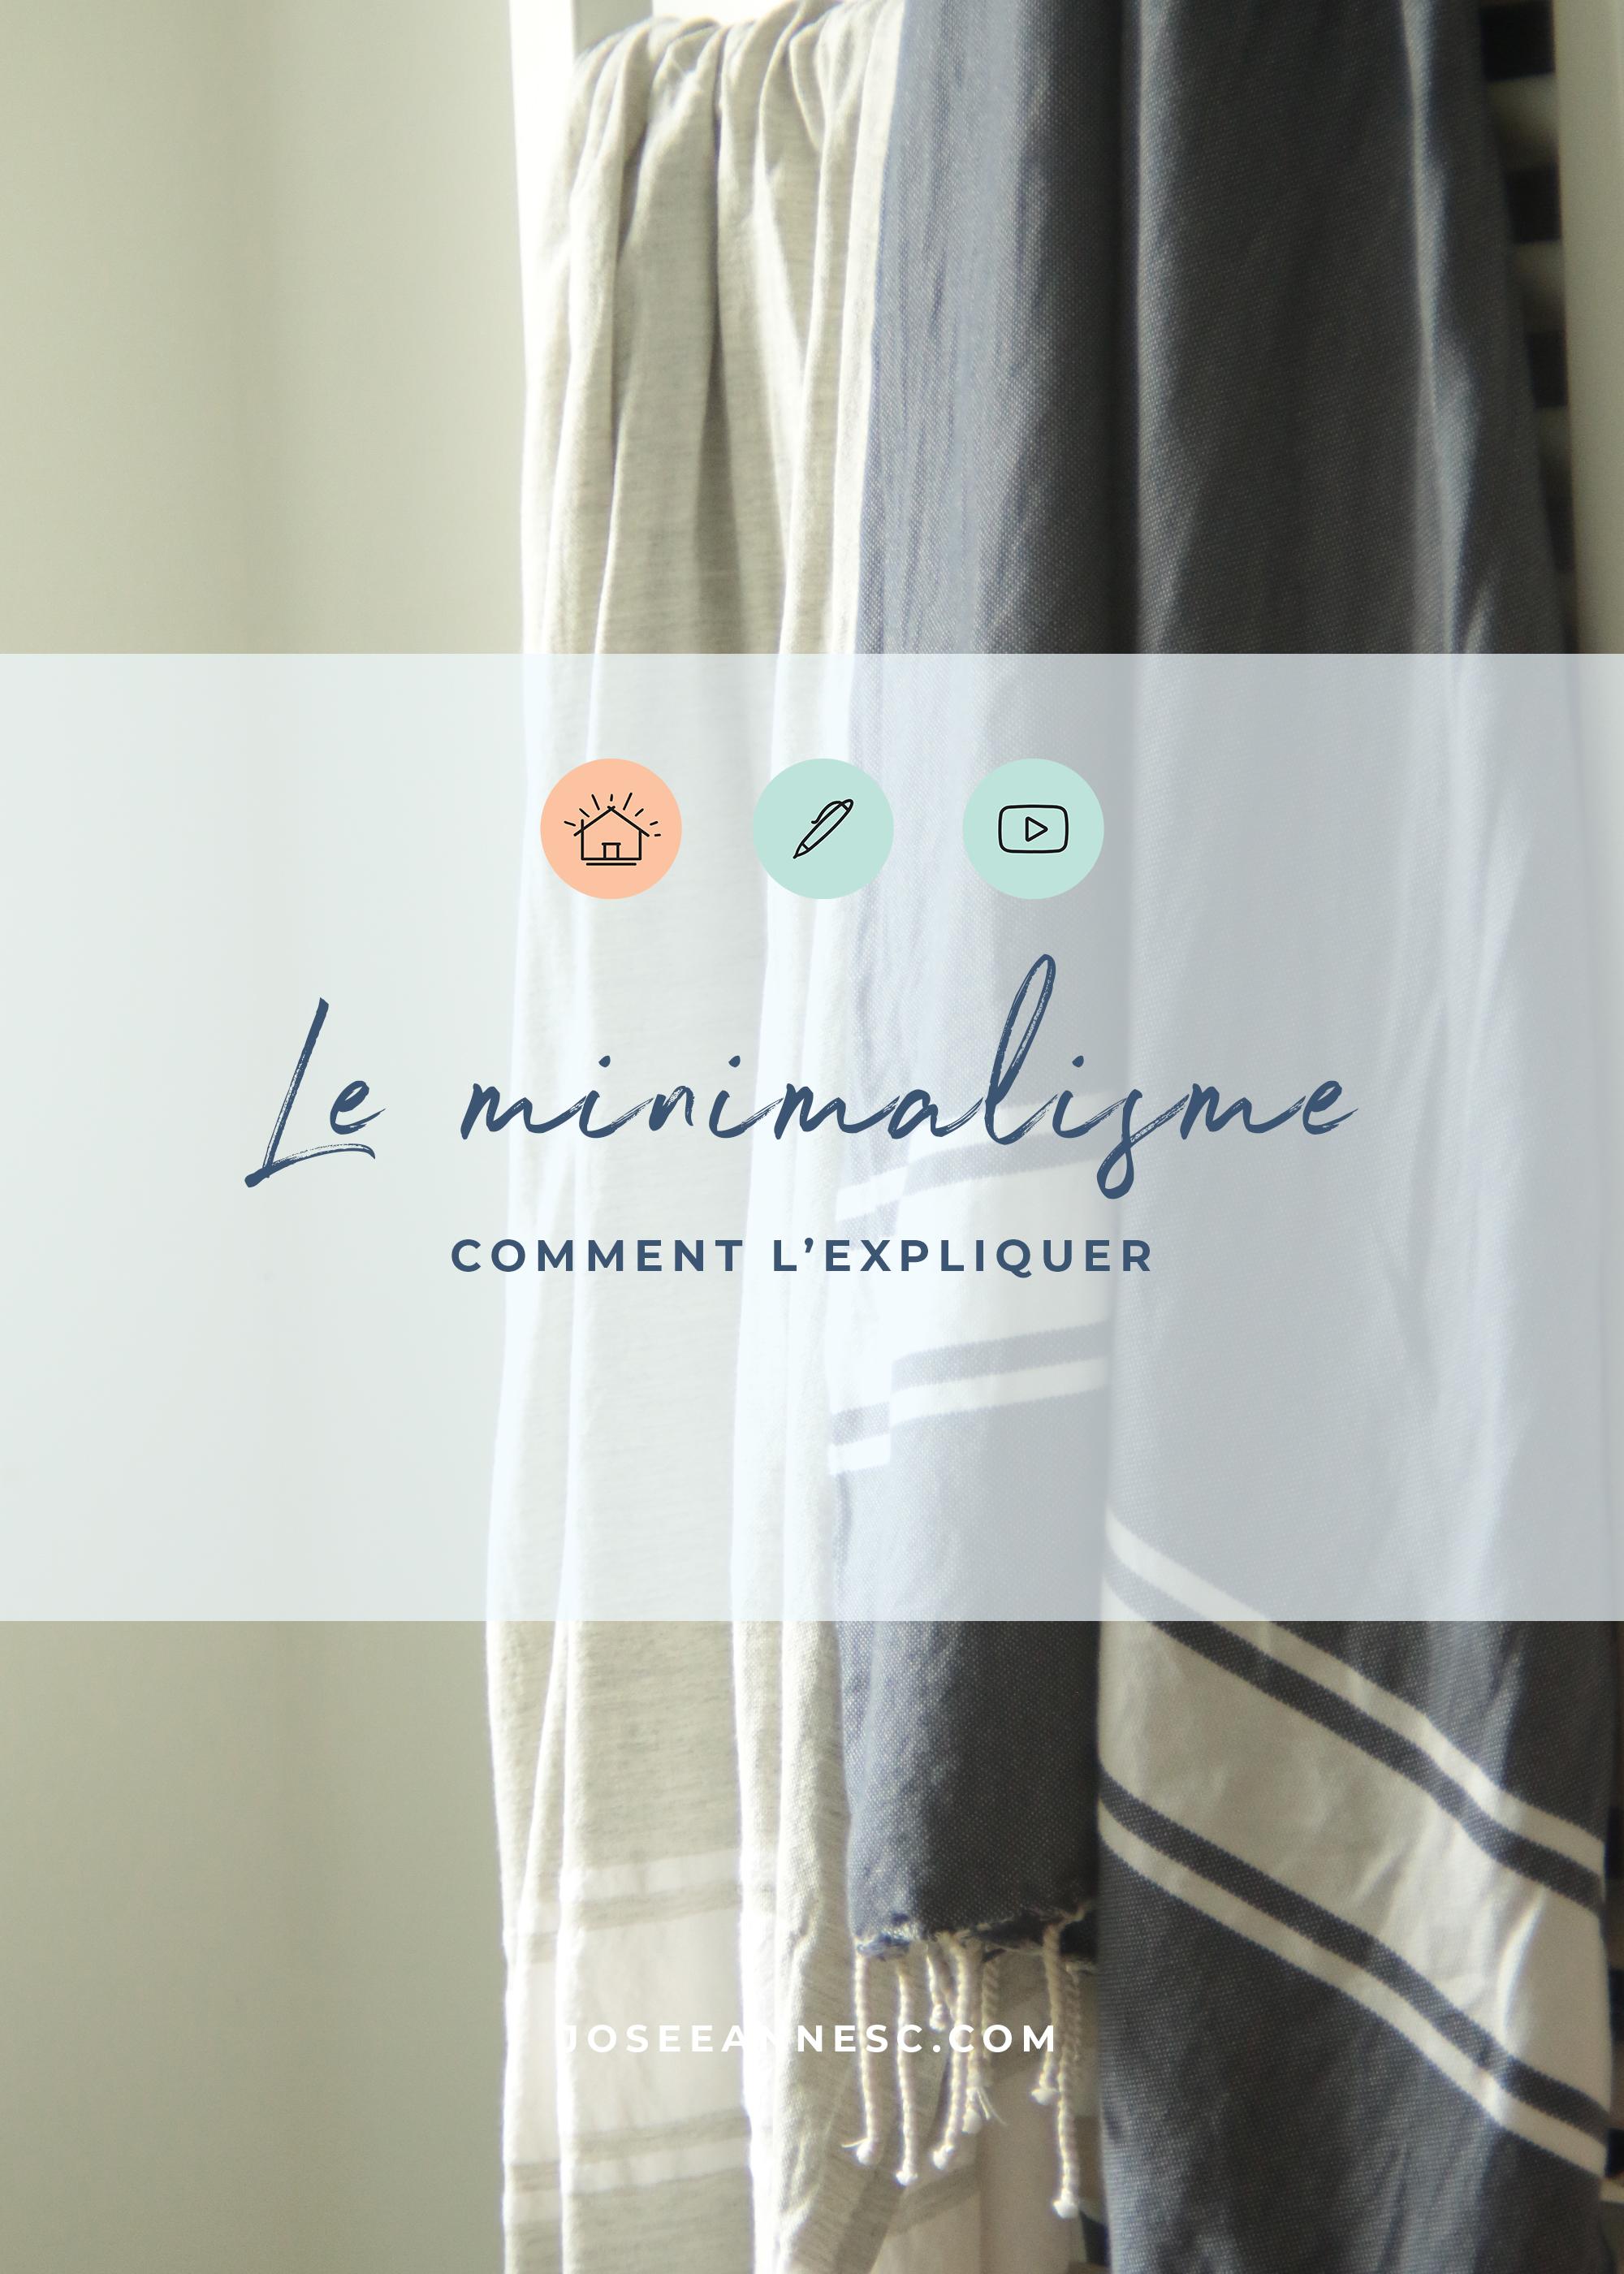 minimalisme_comment l'expliquer.jpg